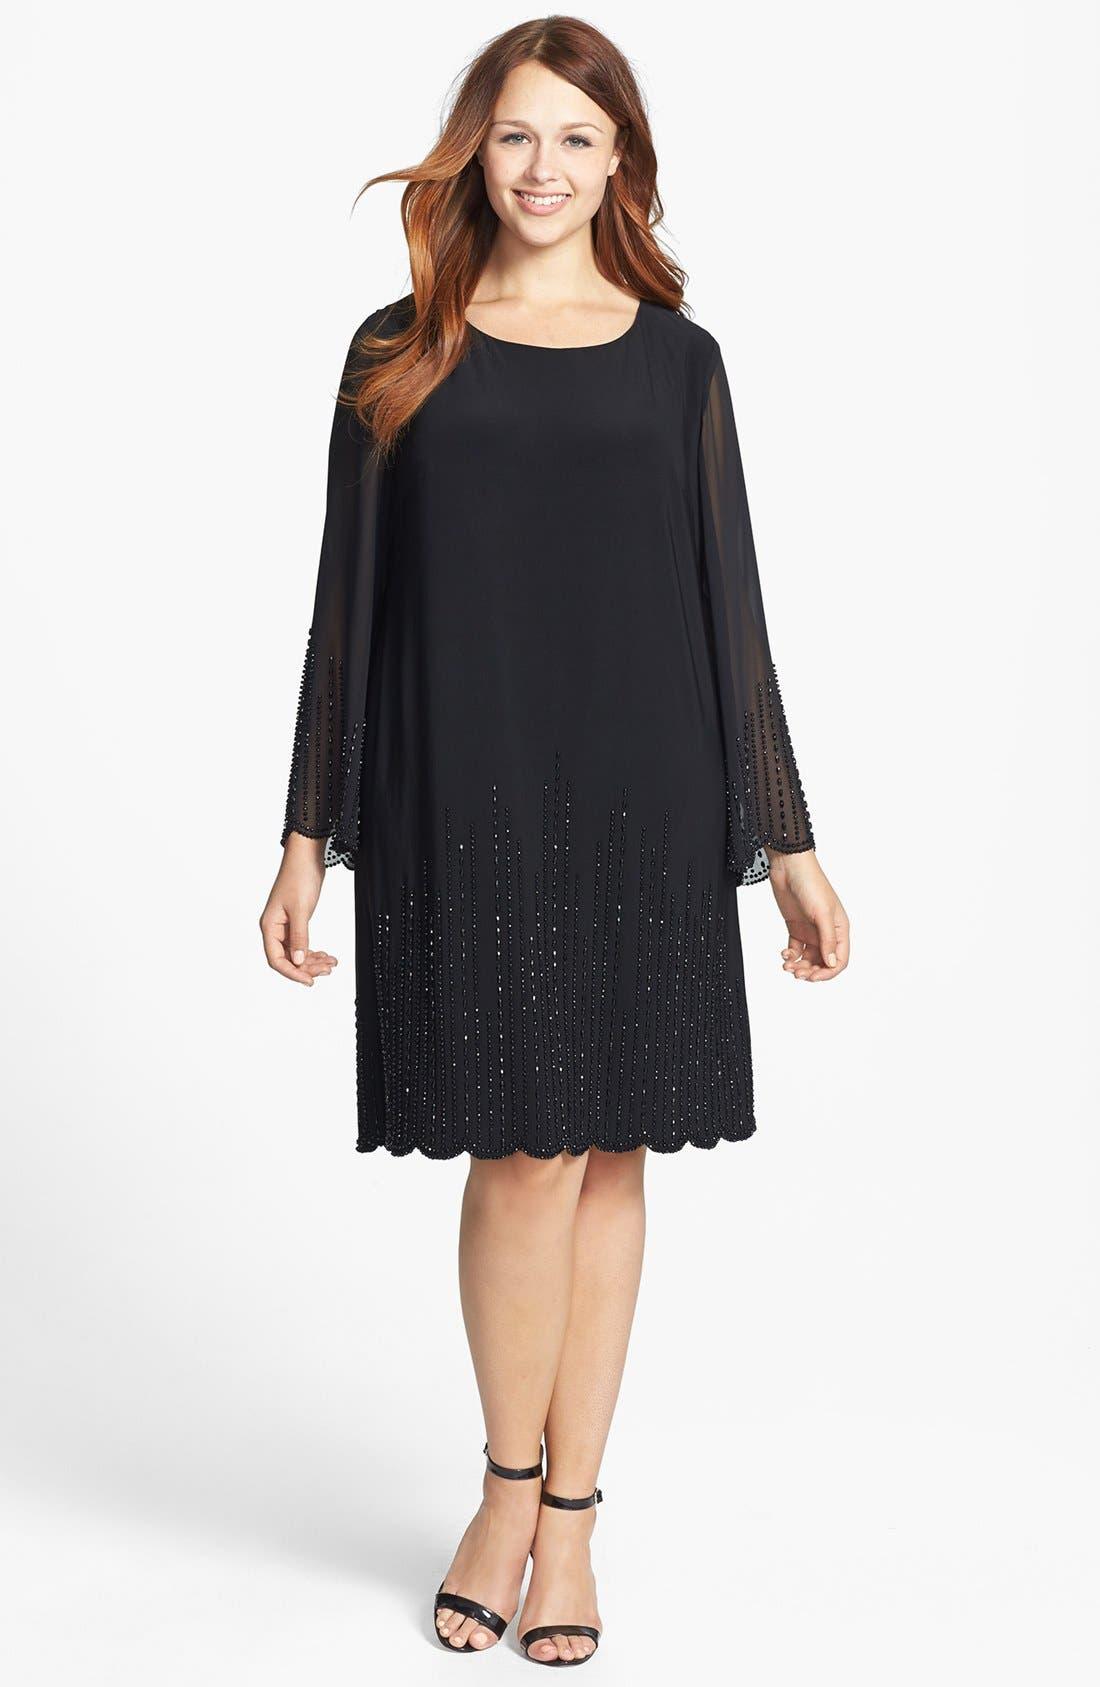 Alternate Image 1 Selected - Xscape Beaded Sheath Dress (Plus Size)